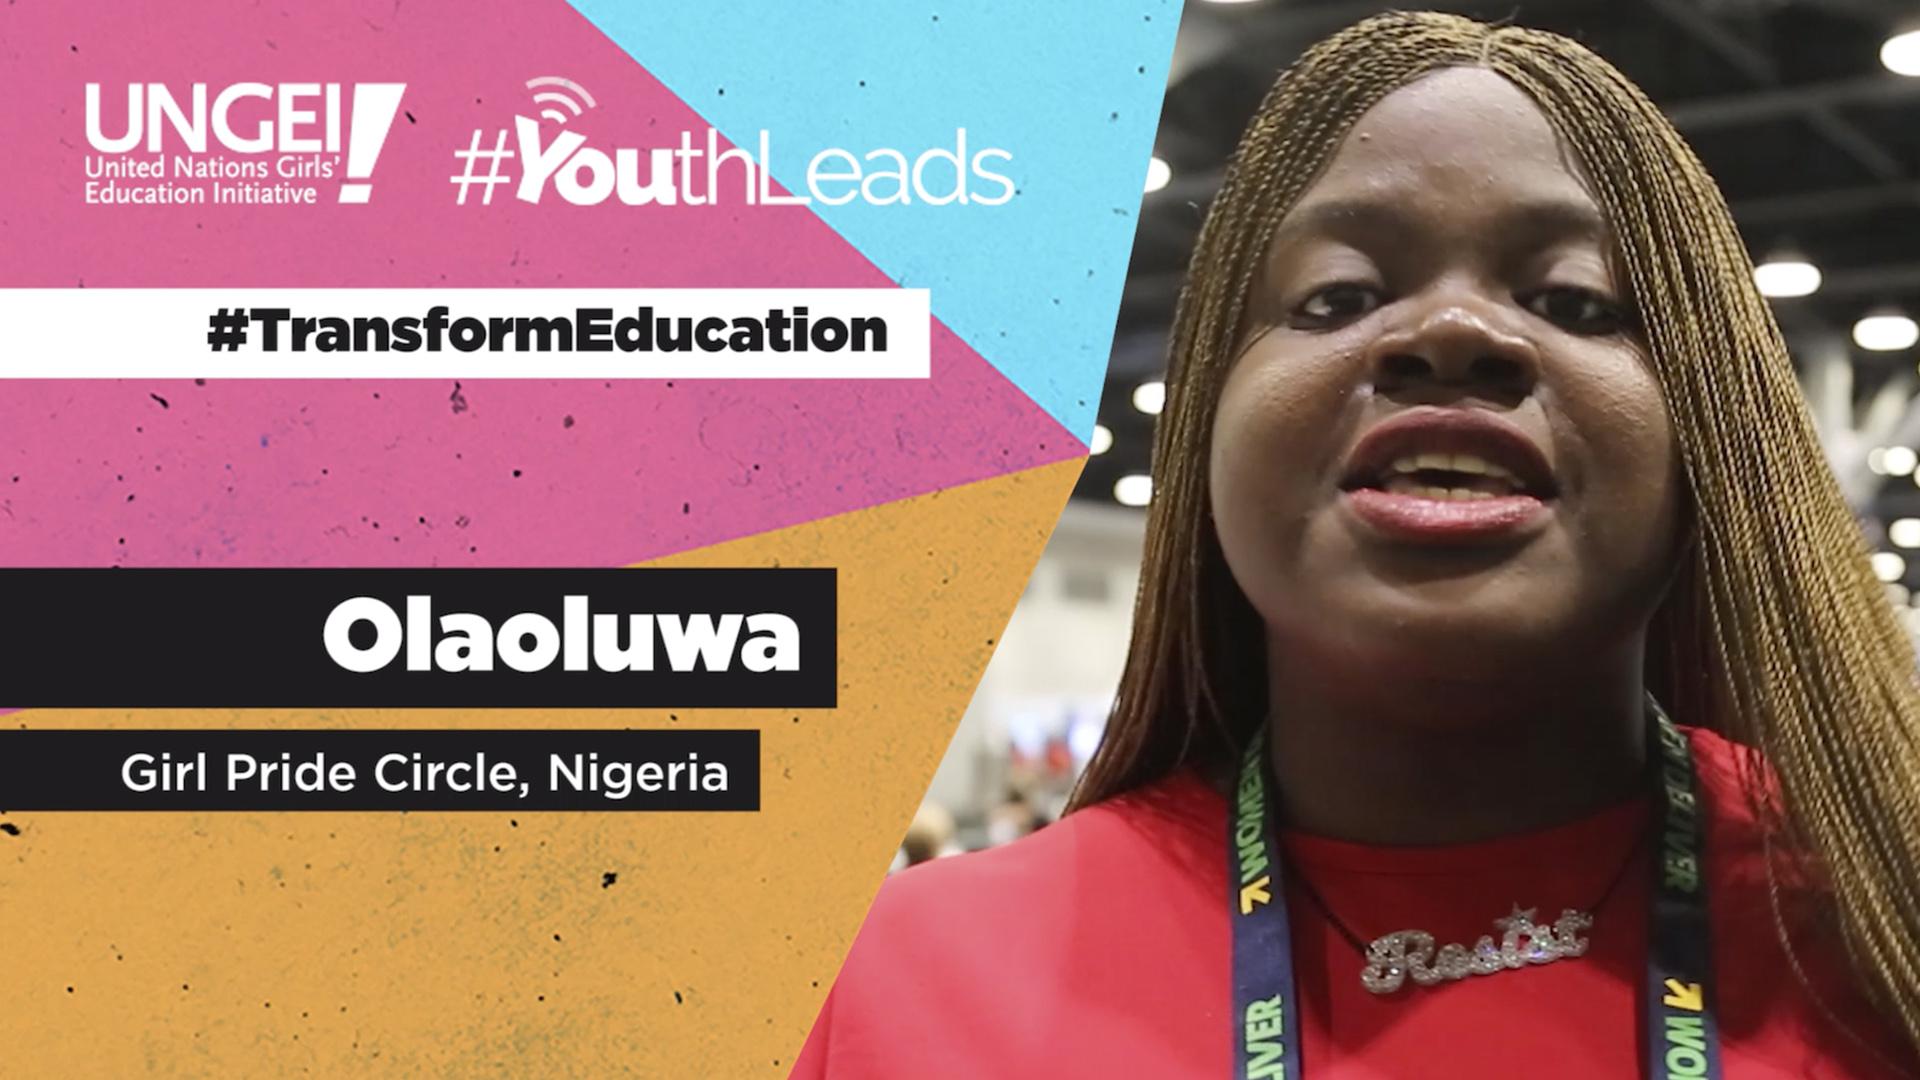 Olaoluwa, Girl Pride Circle, Nigeria